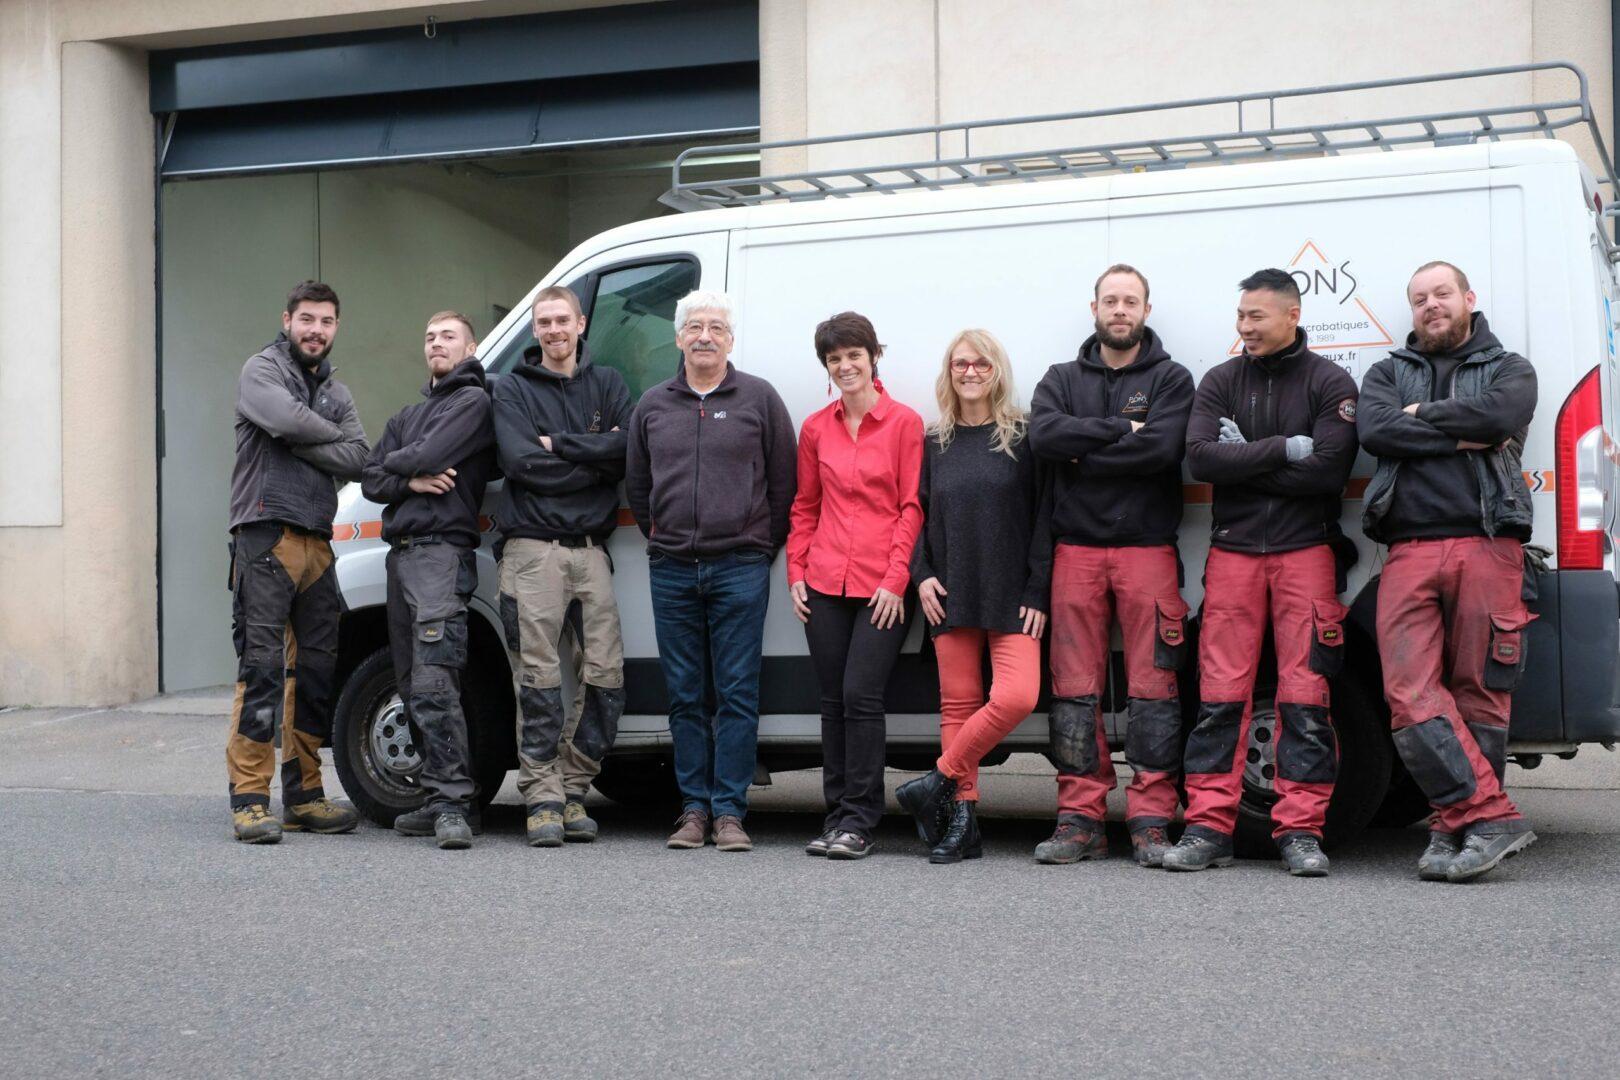 Photo équipe Pons Travaux acrobatiques voeux 2020 Milène Fortet